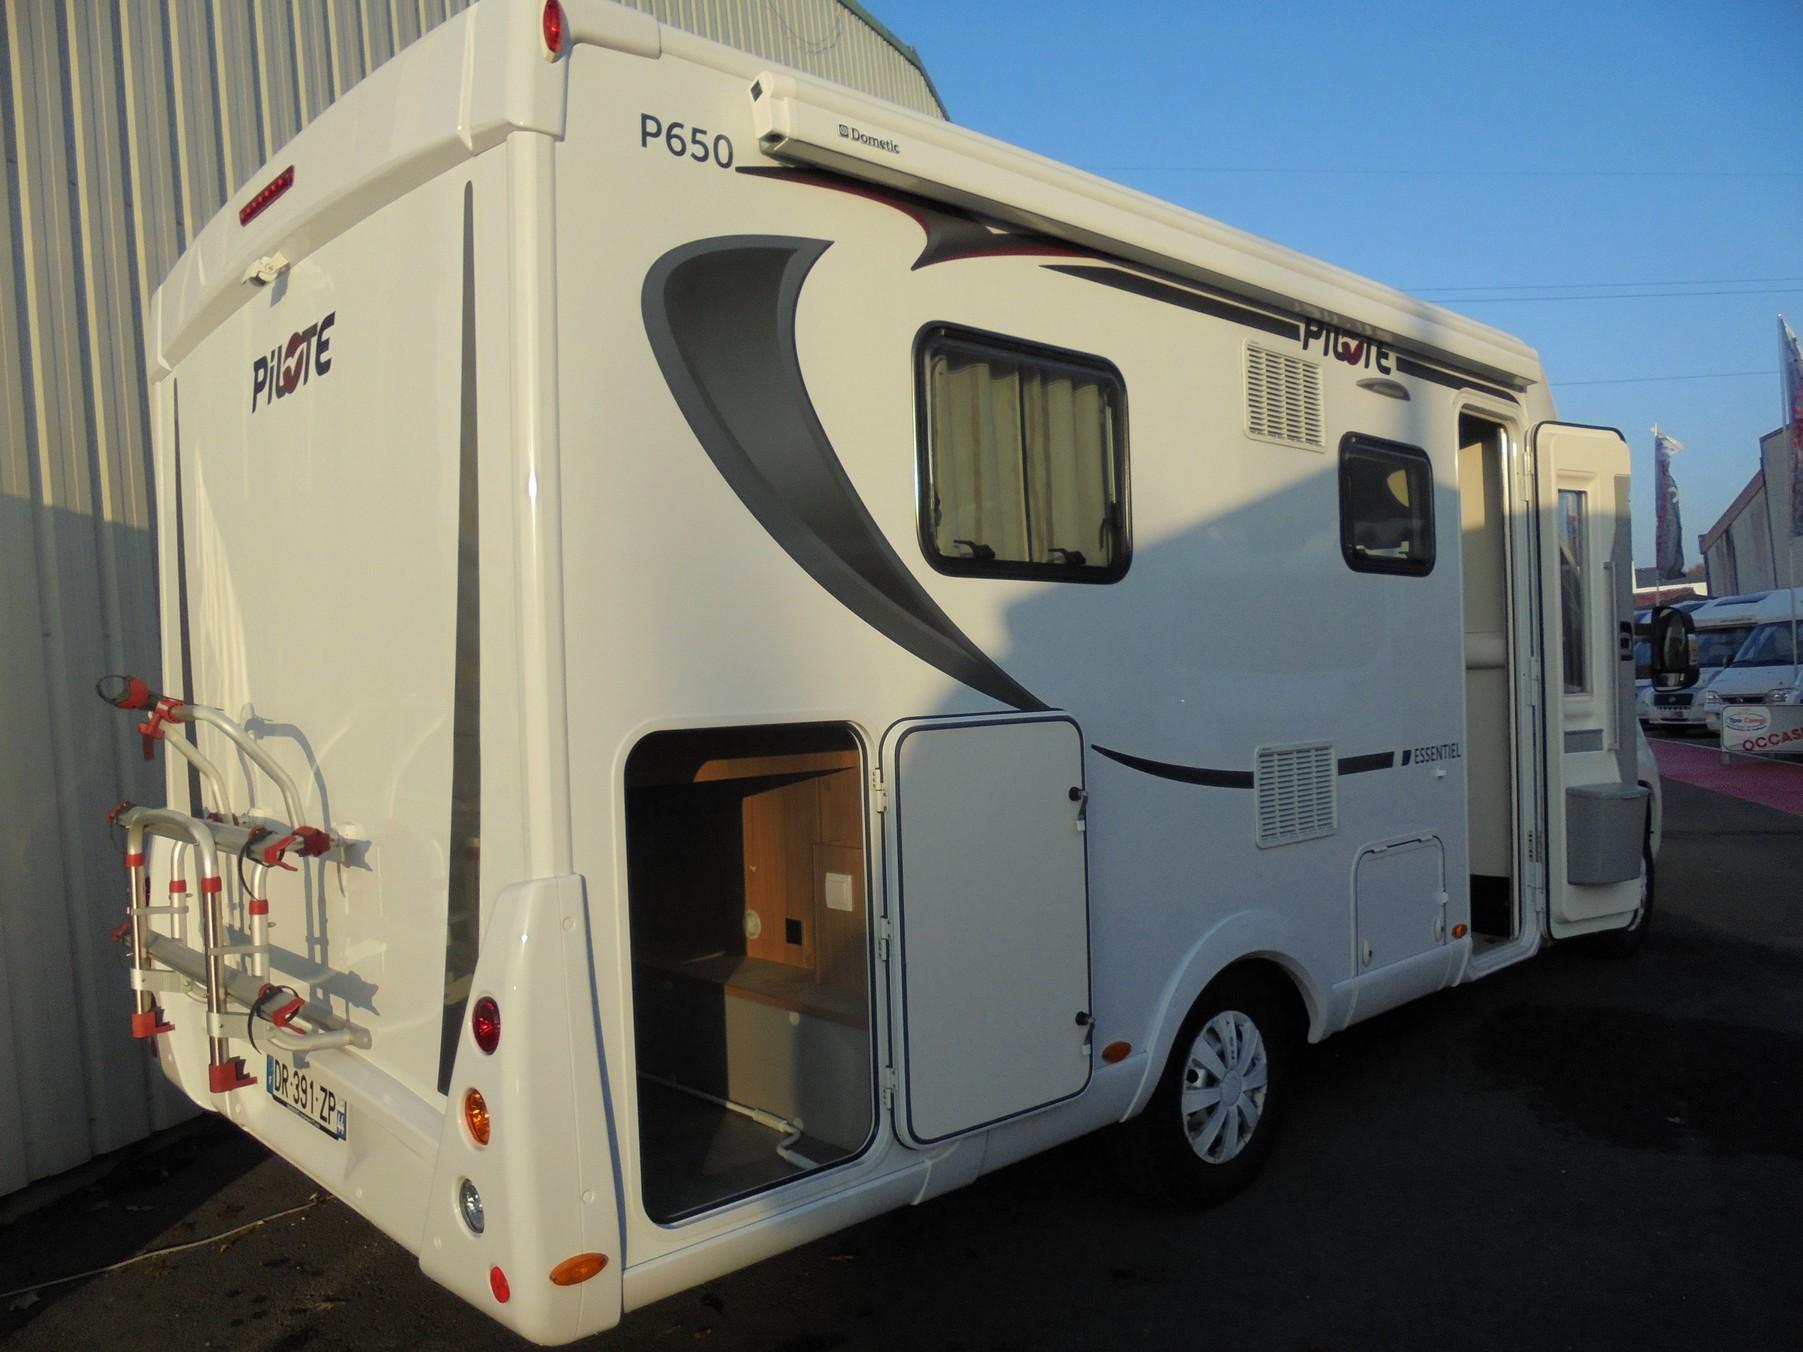 pilote p 650 c essentiel occasion de 2015 fiat camping car en vente treillieres loire. Black Bedroom Furniture Sets. Home Design Ideas